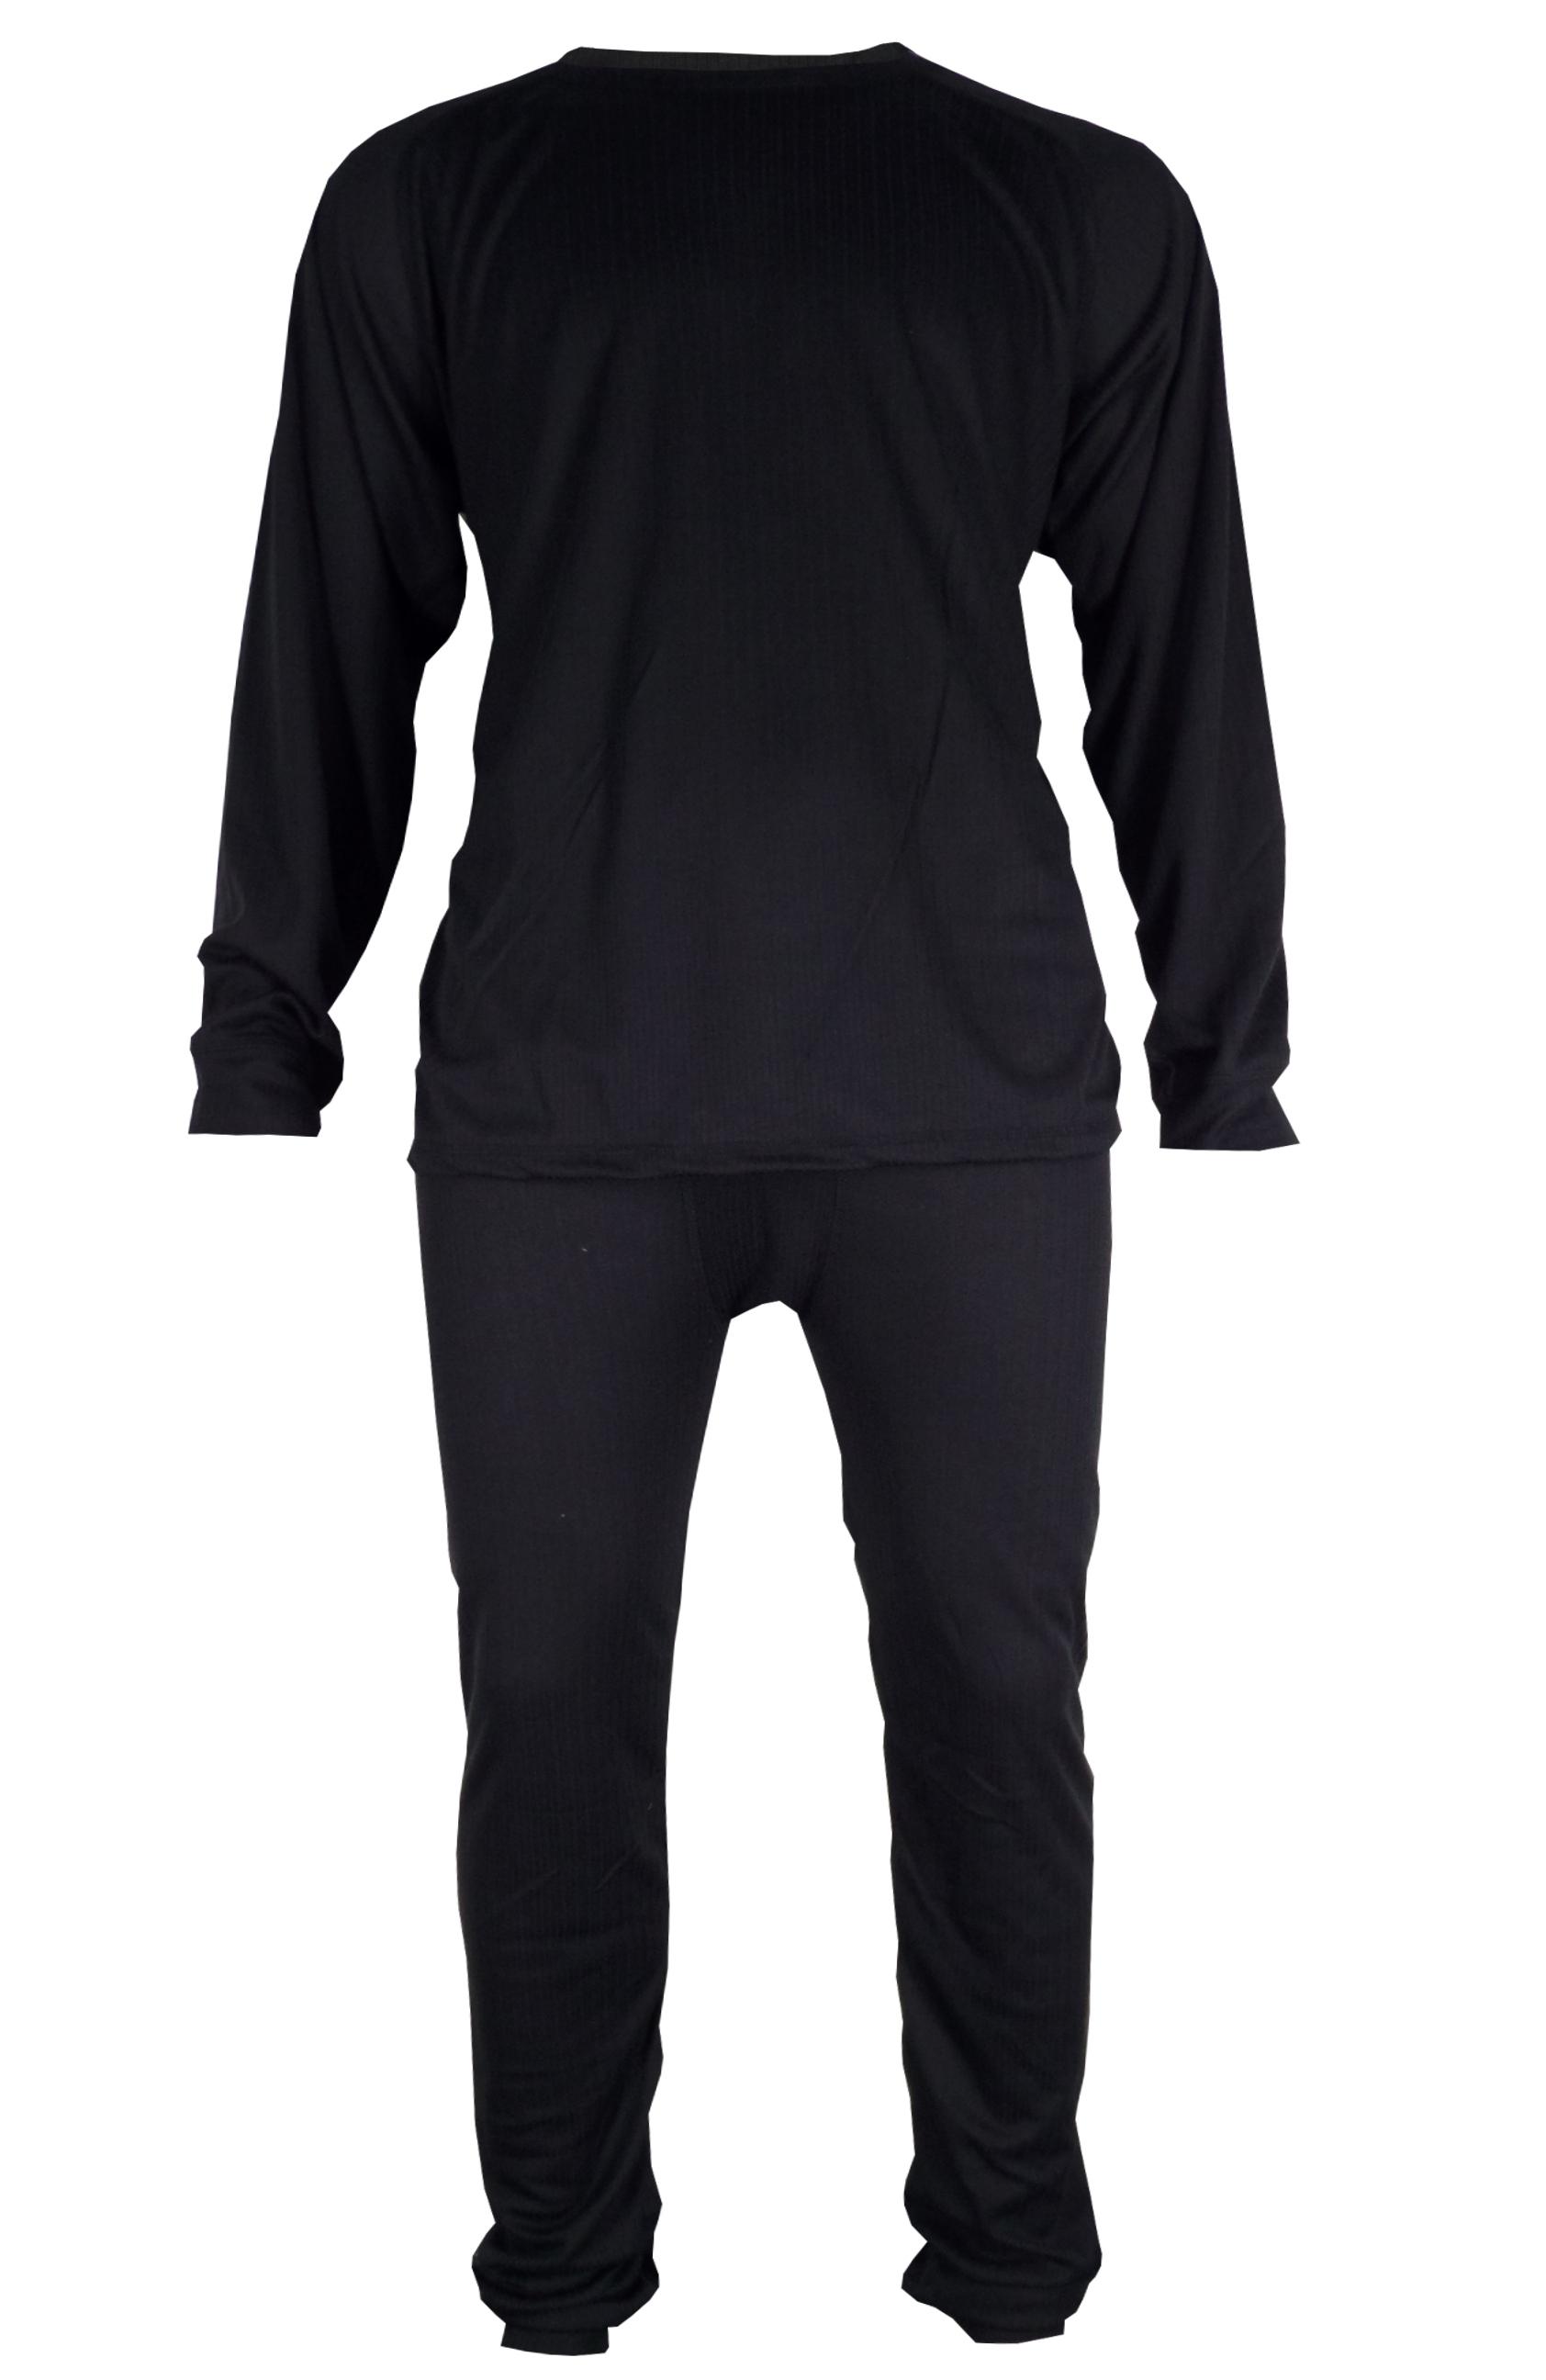 Het Aero winterondergoed is warmte regulerend, vocht transporterend, licht en comfortabel, huidvriendelijk en elastisch. Speciaal geschikt als ski ondergoed in mooie cadeauverpakking.